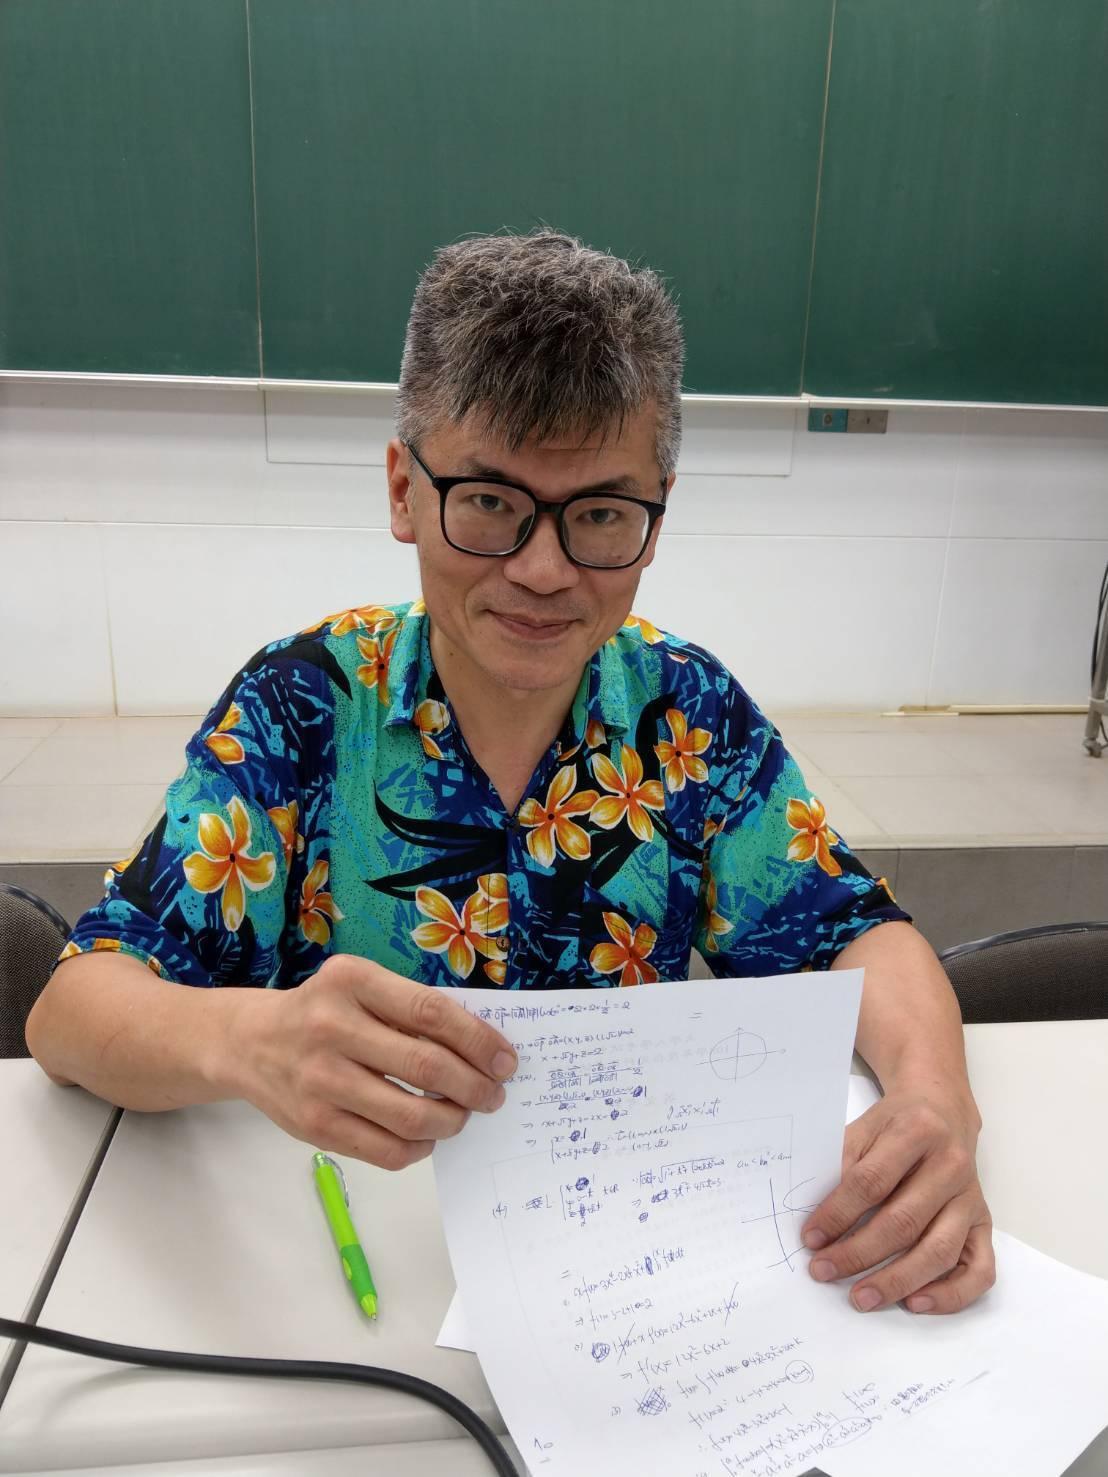 數學補教老師林名揚。記者張錦弘/攝影